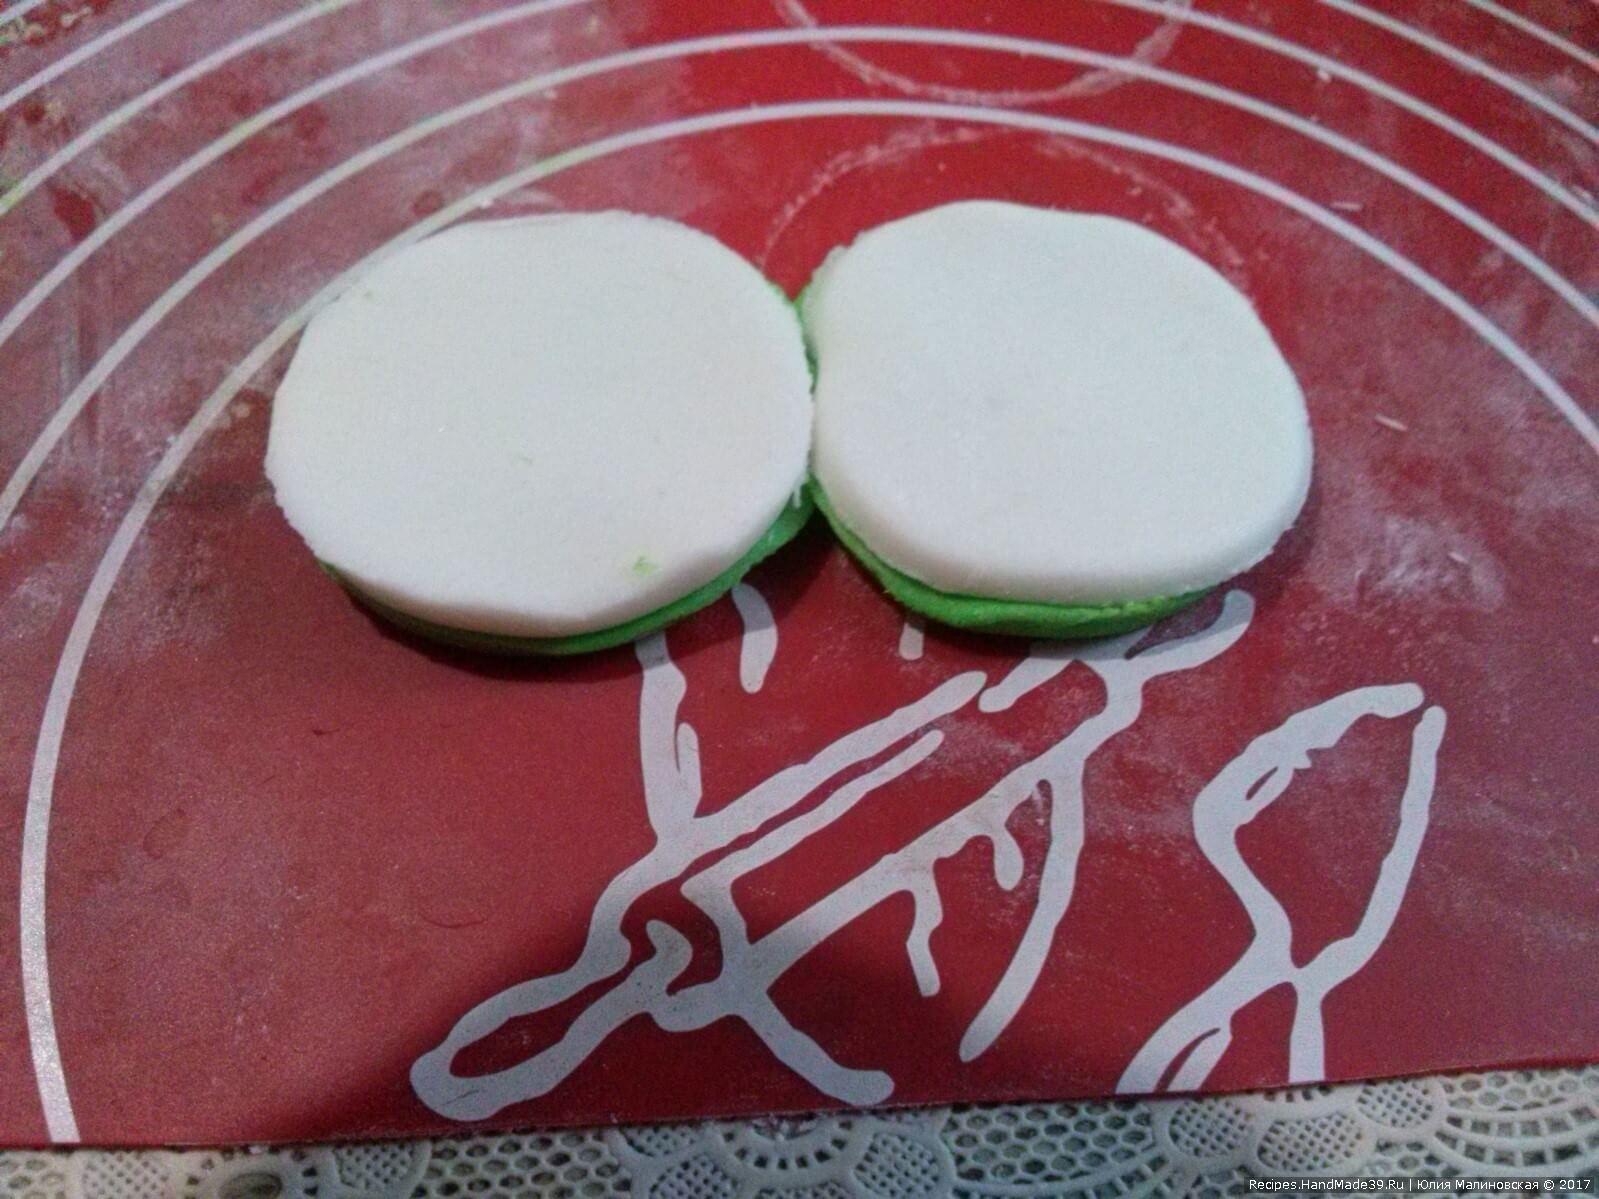 Зелёный кружок смазать водой и к нему прилепить белый. Соединить вместе парные кружки